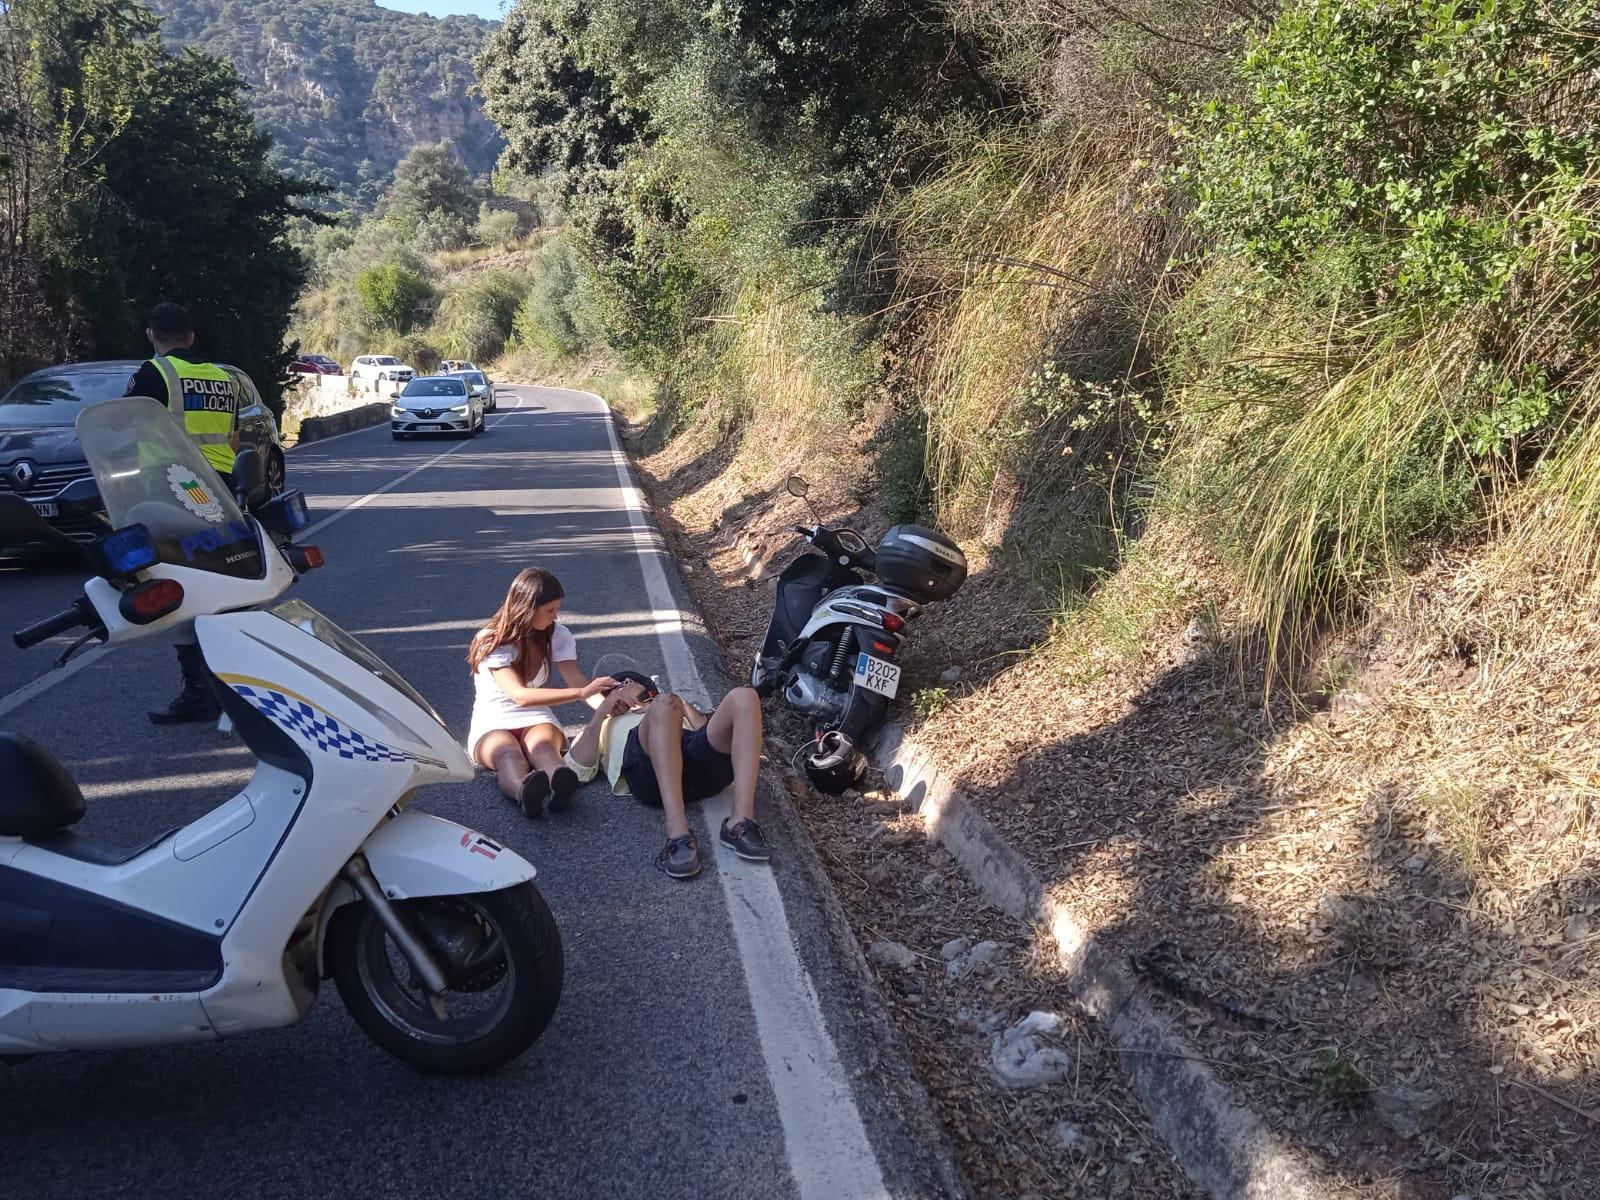 Herido un motorista tras salirse de la carretera en una curva en Valldemossa